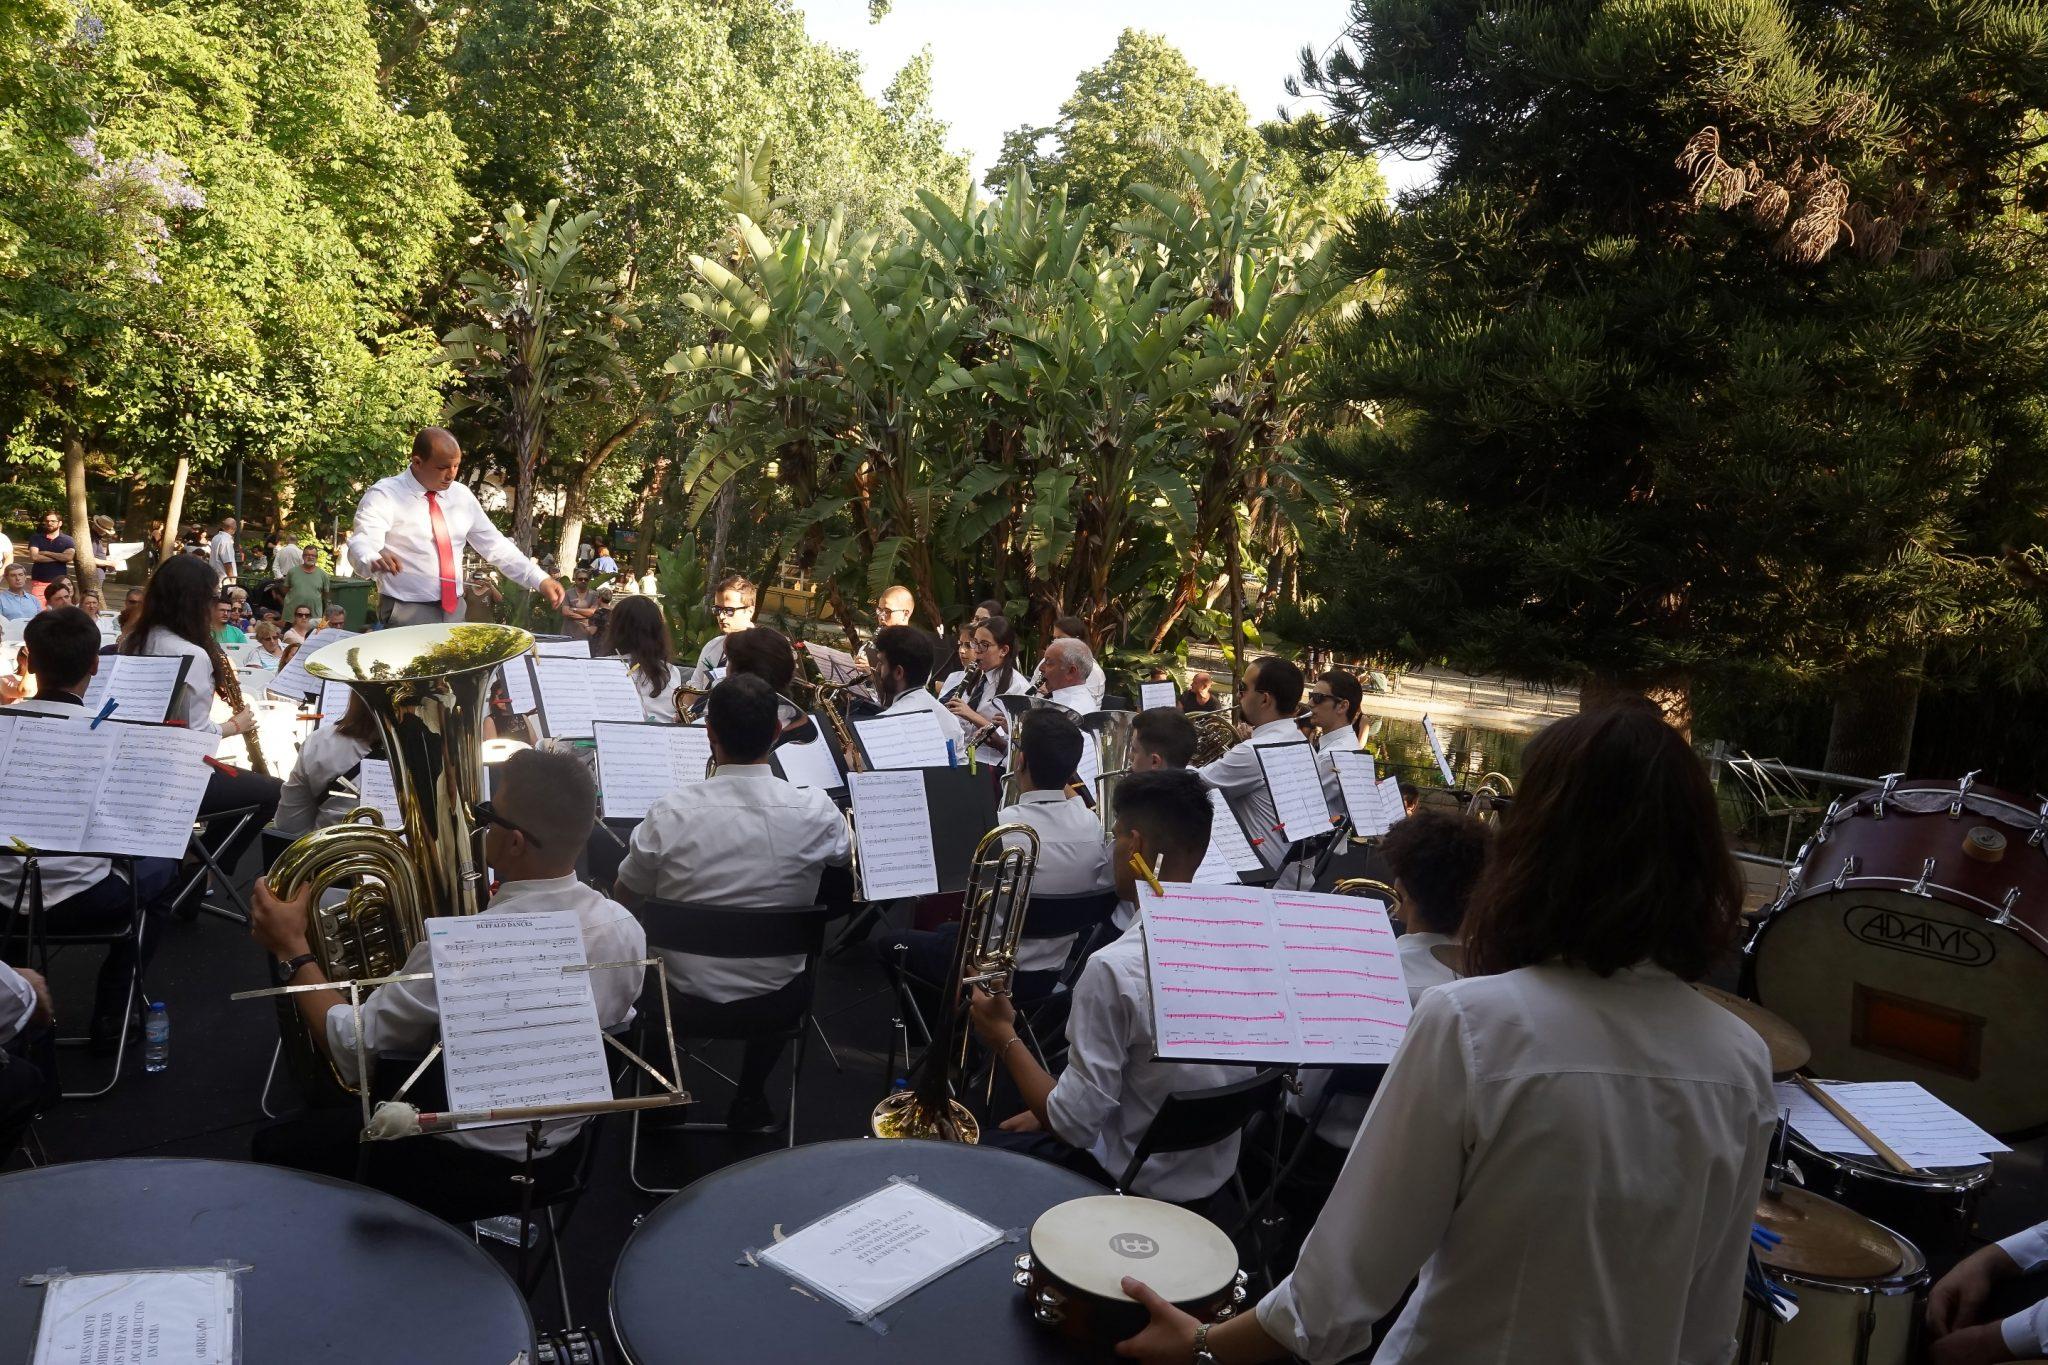 De costas para o observador, uma banda filarmónica, com todos os seus elementos sentados, atua no cenário de um jardim de árvores frondosas e verdejantes.